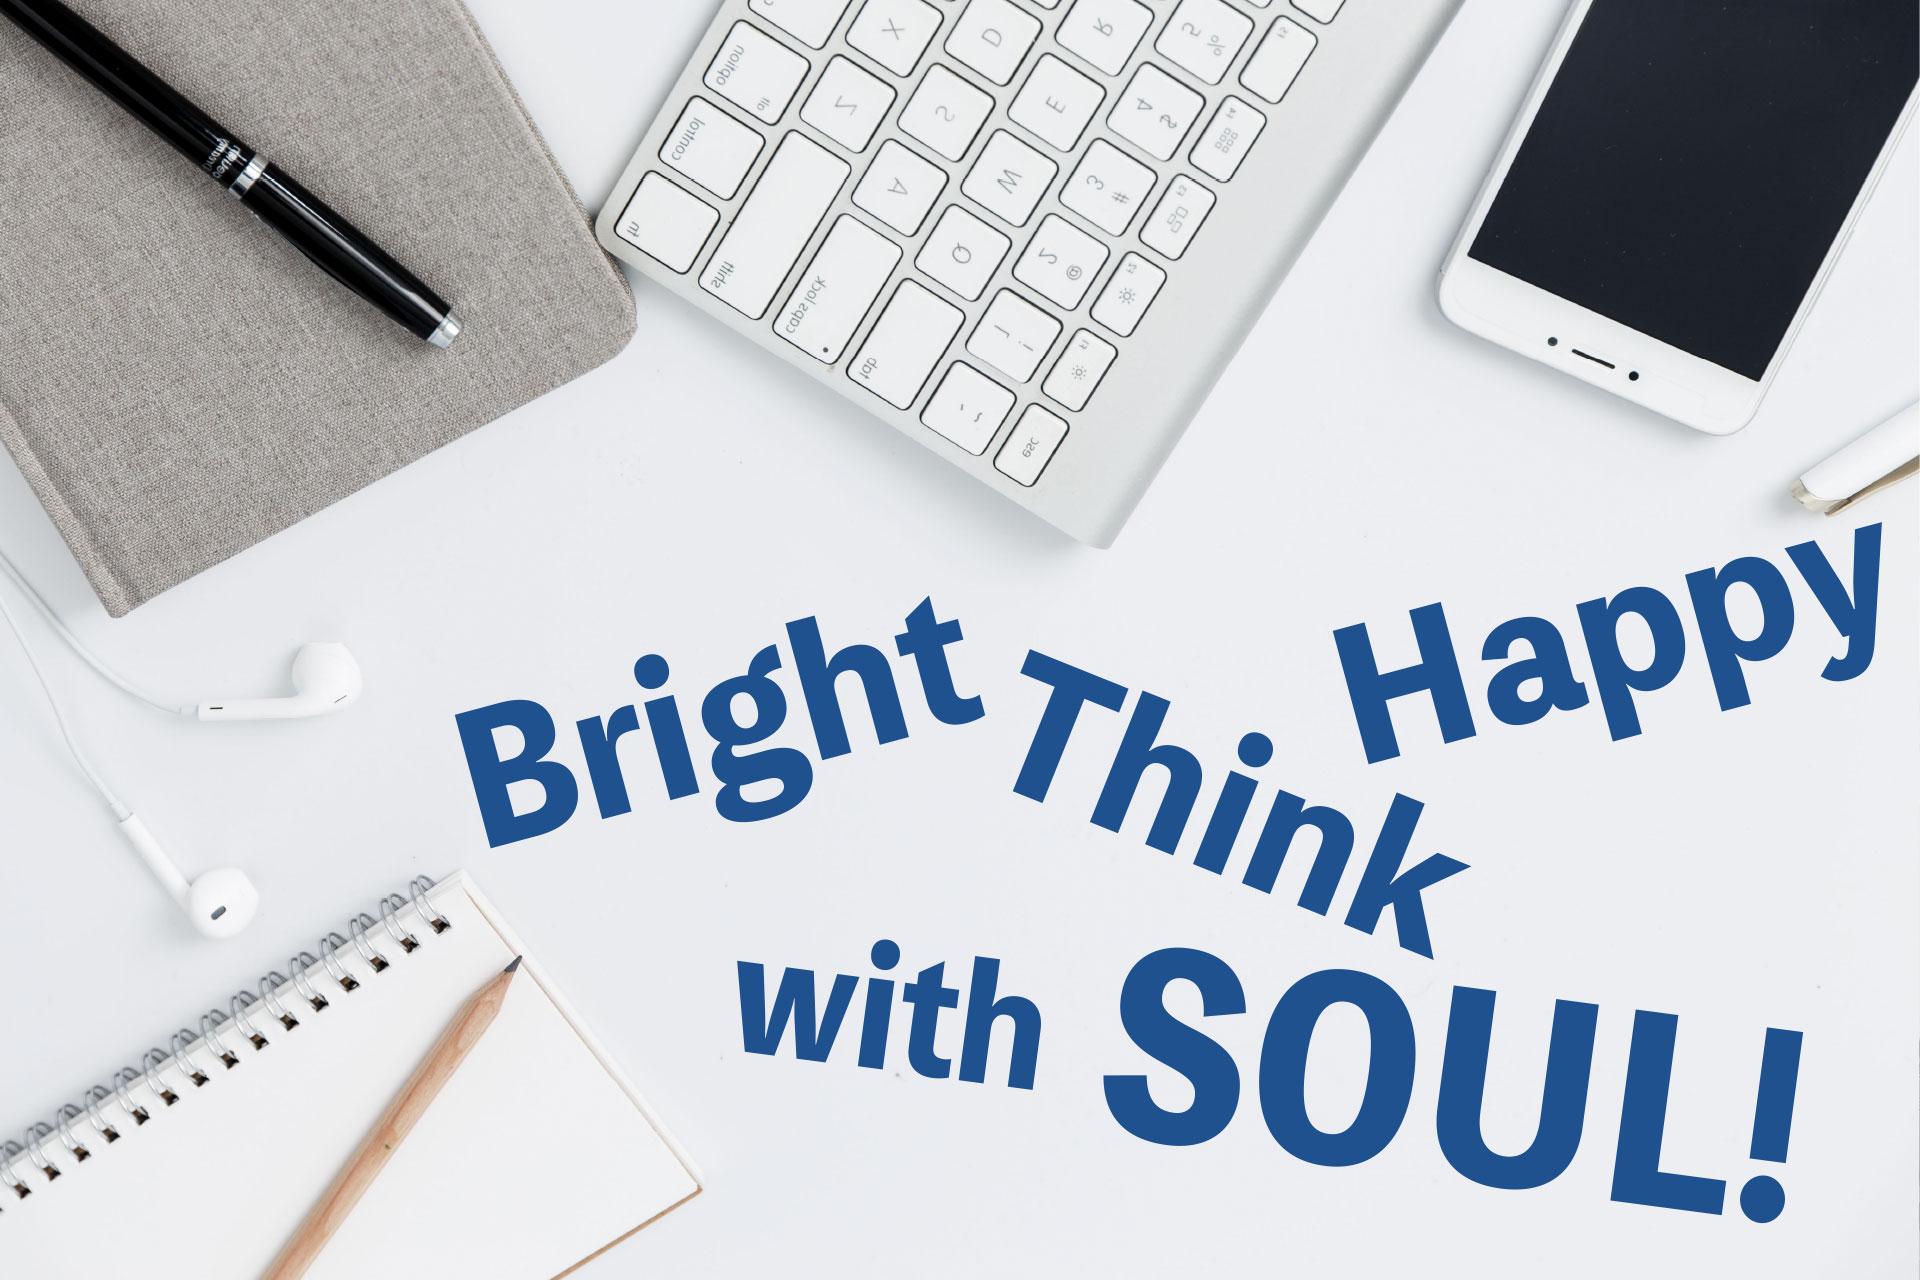 Bright, Think, Happy, with Soul ! 人とシステムと未来を創る、ソリューションカンパニー